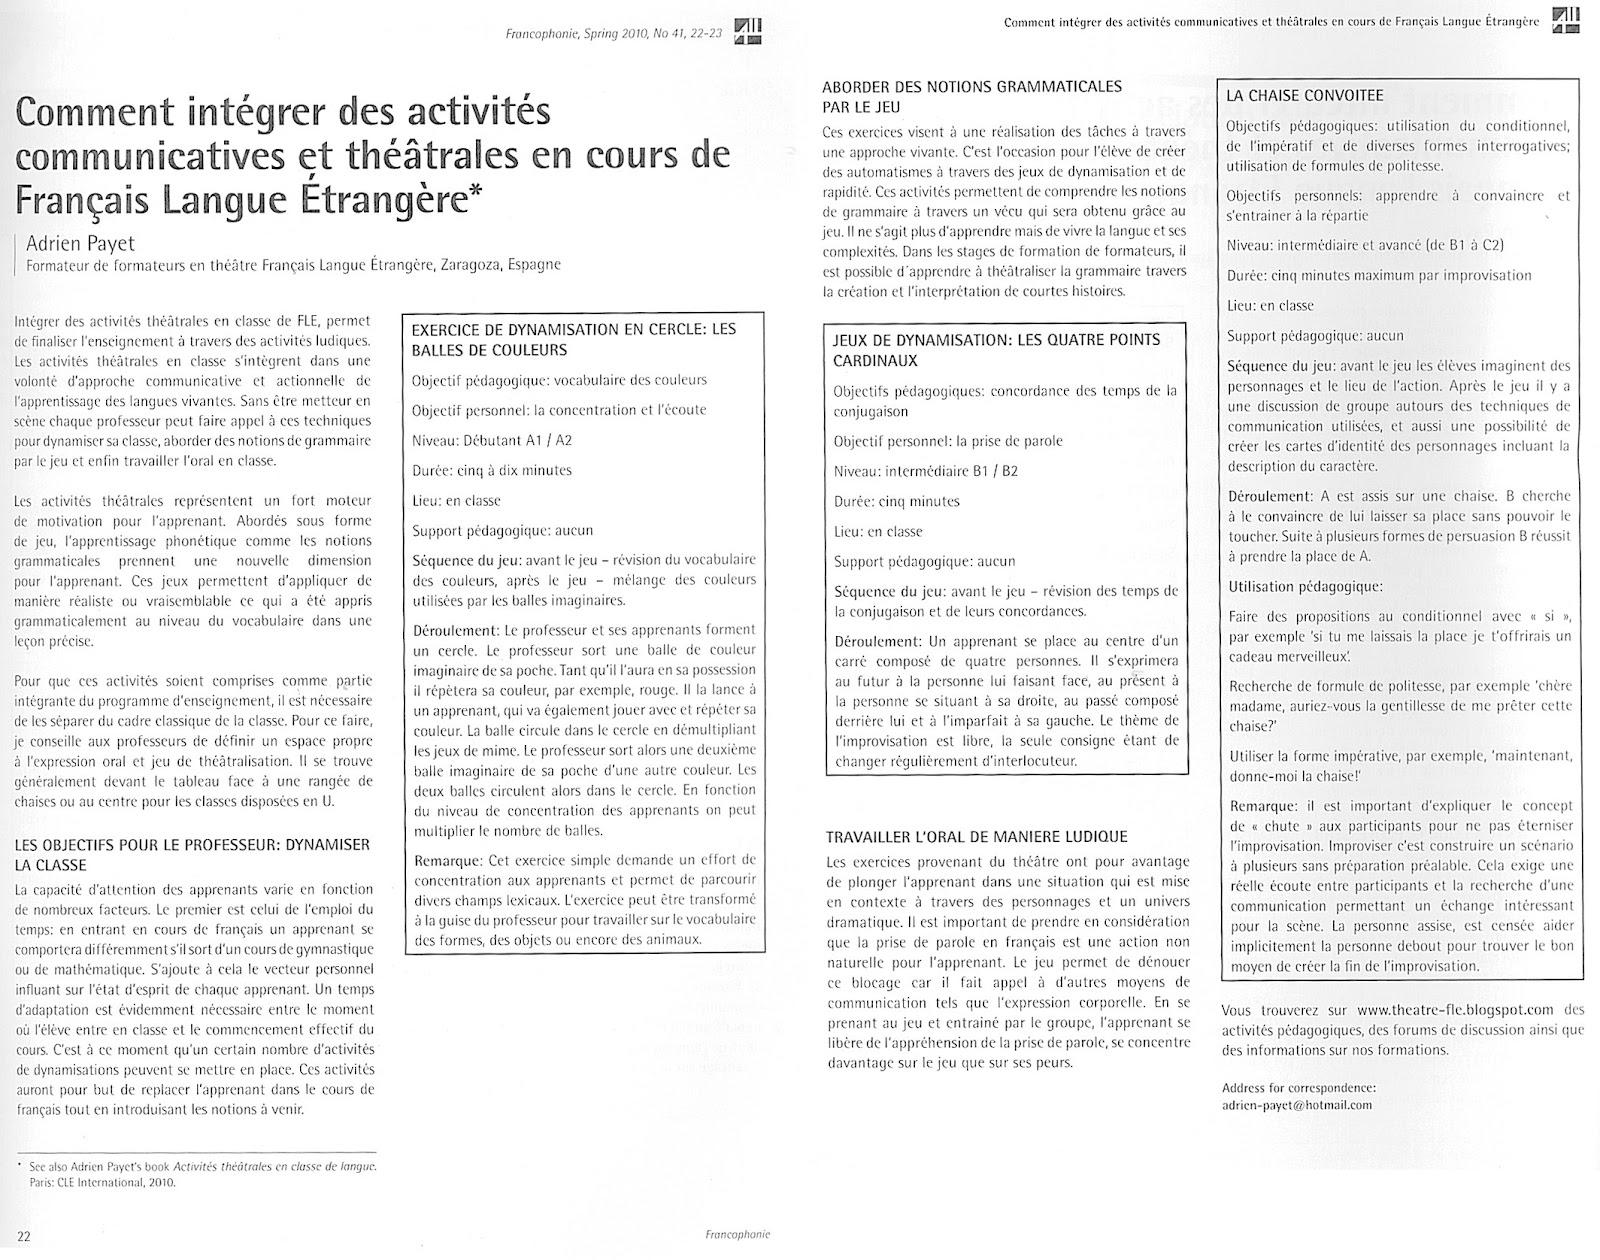 Idées D'activités Pour La Classe De Fle Fiches Pédagogiques tout Activité Primaire A Imprimer